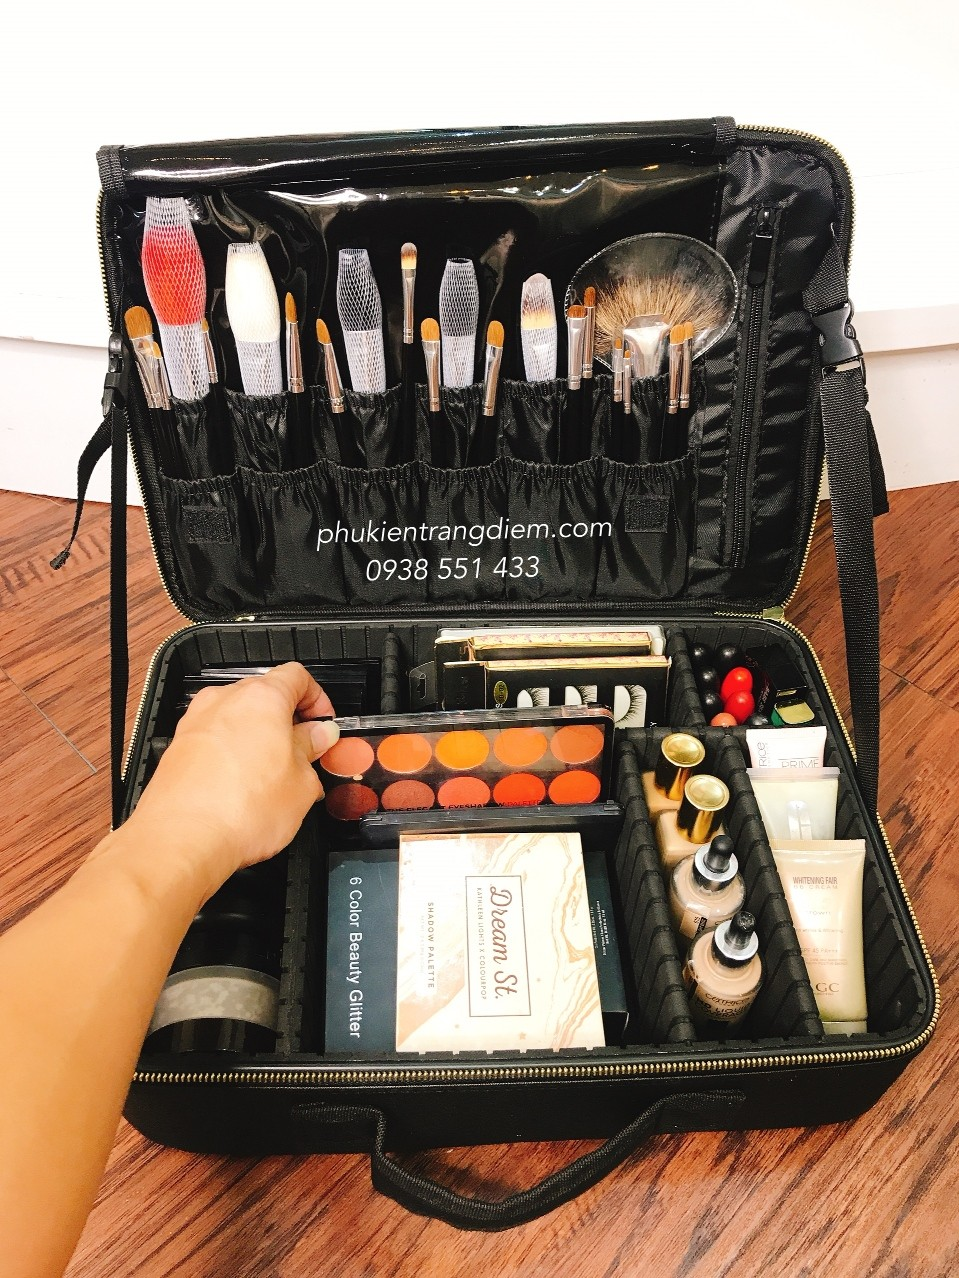 Vali cốp trang điểm bằng vải hỗ trợ make up chuyên nghiệp